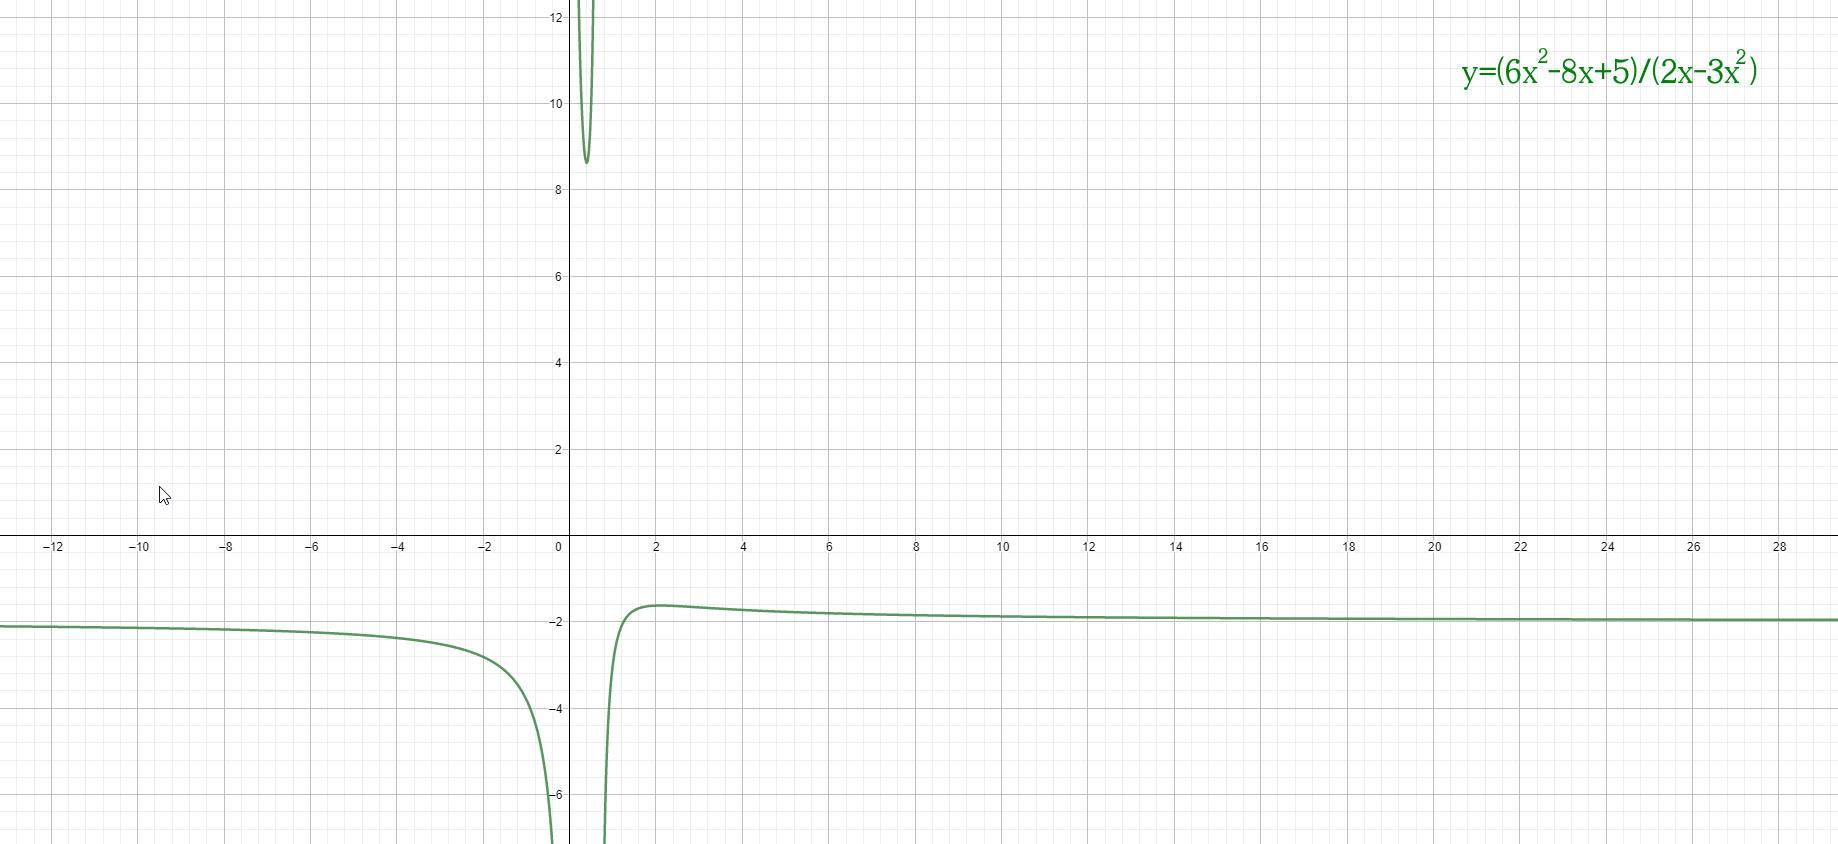 Analisi Matematica - f(x)=(6x^2-8x+5)(2x-3x^2)^-1 - Grafico della funzione - AM016-10